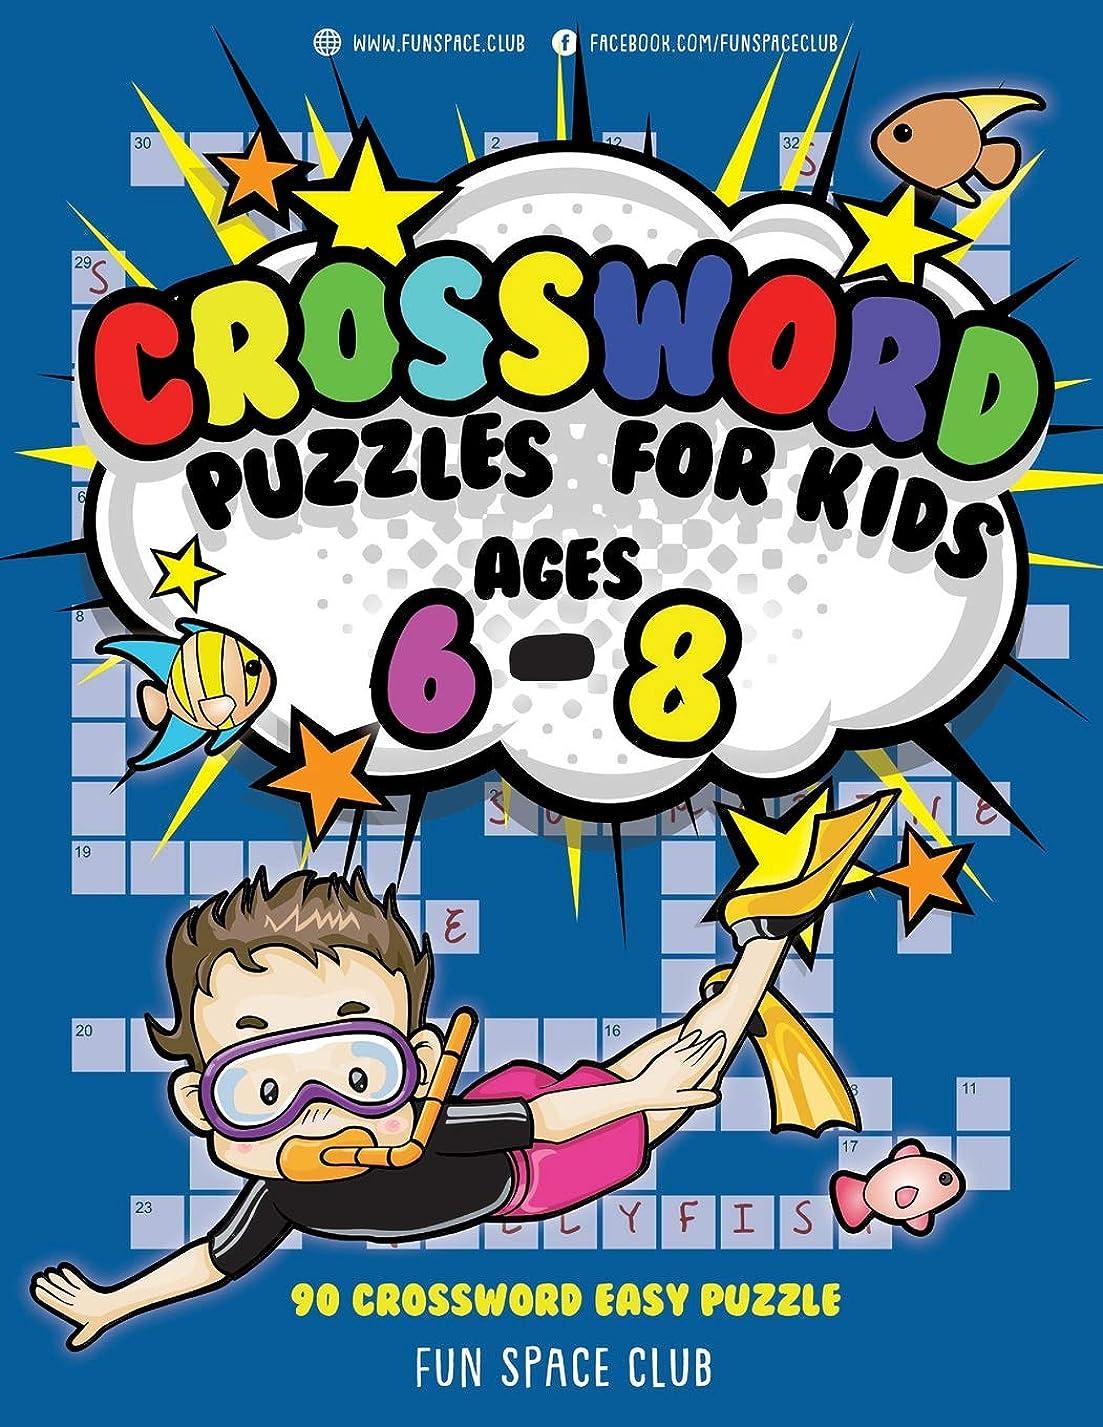 スカウトモート逃れるCrossword Puzzles for Kids Ages 6 - 8: 90 Crossword Easy Puzzle Books (Crossword and Word Search Puzzle Books for Kids)